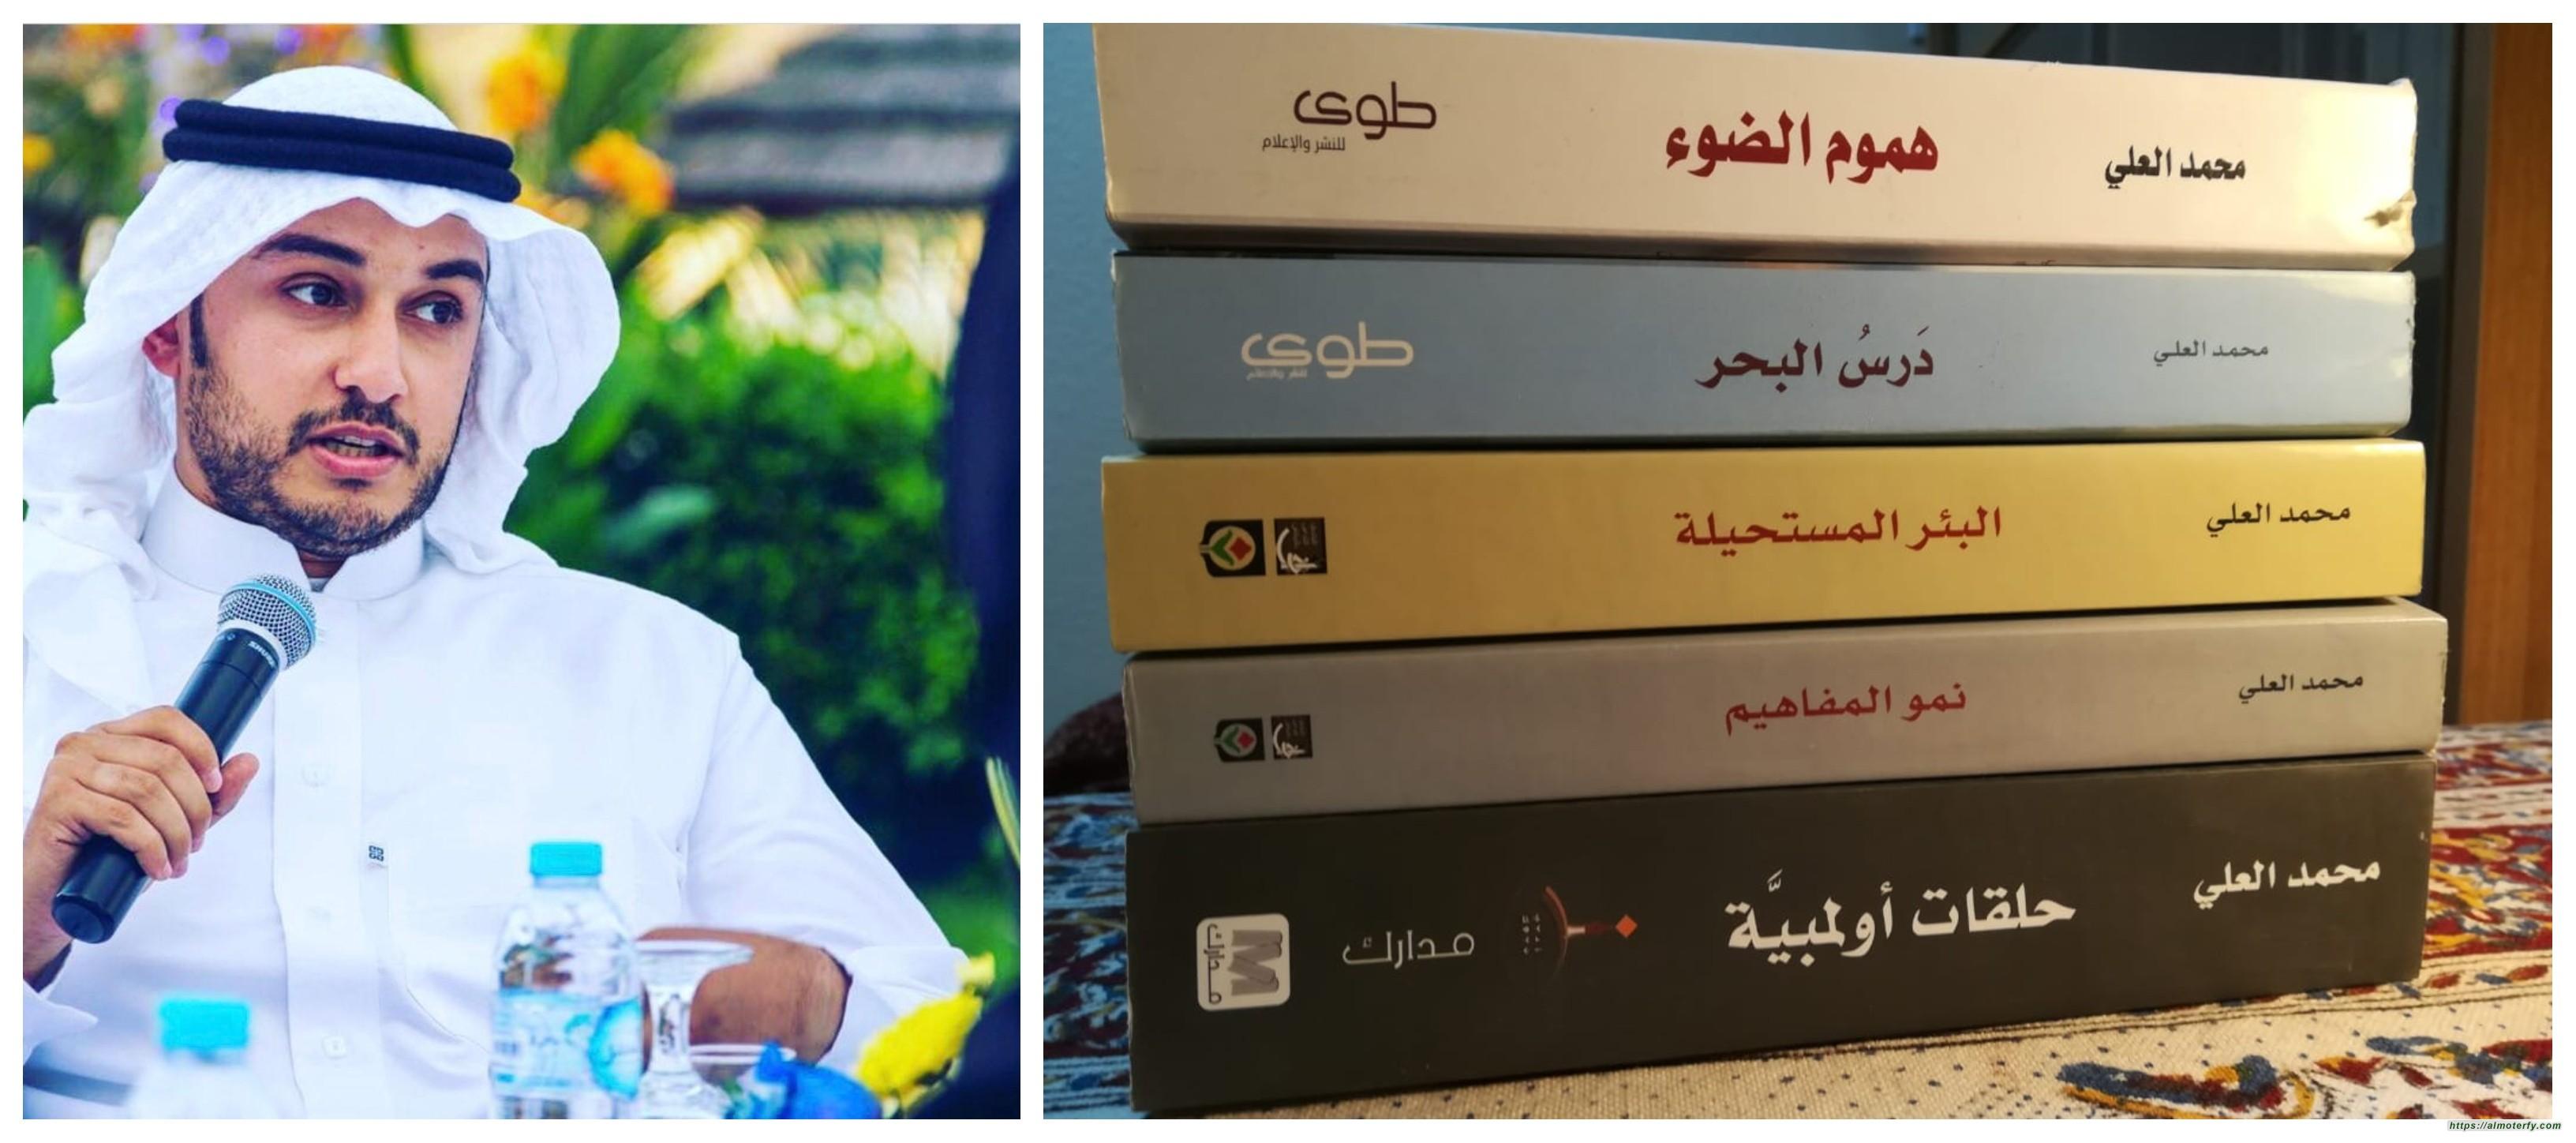 ضمّ تراث محمد العلي في خمسة كتب أحمد العلي: في عمر قصير انضم إلى الكتّاب الكبار والمترجمين اللافتين